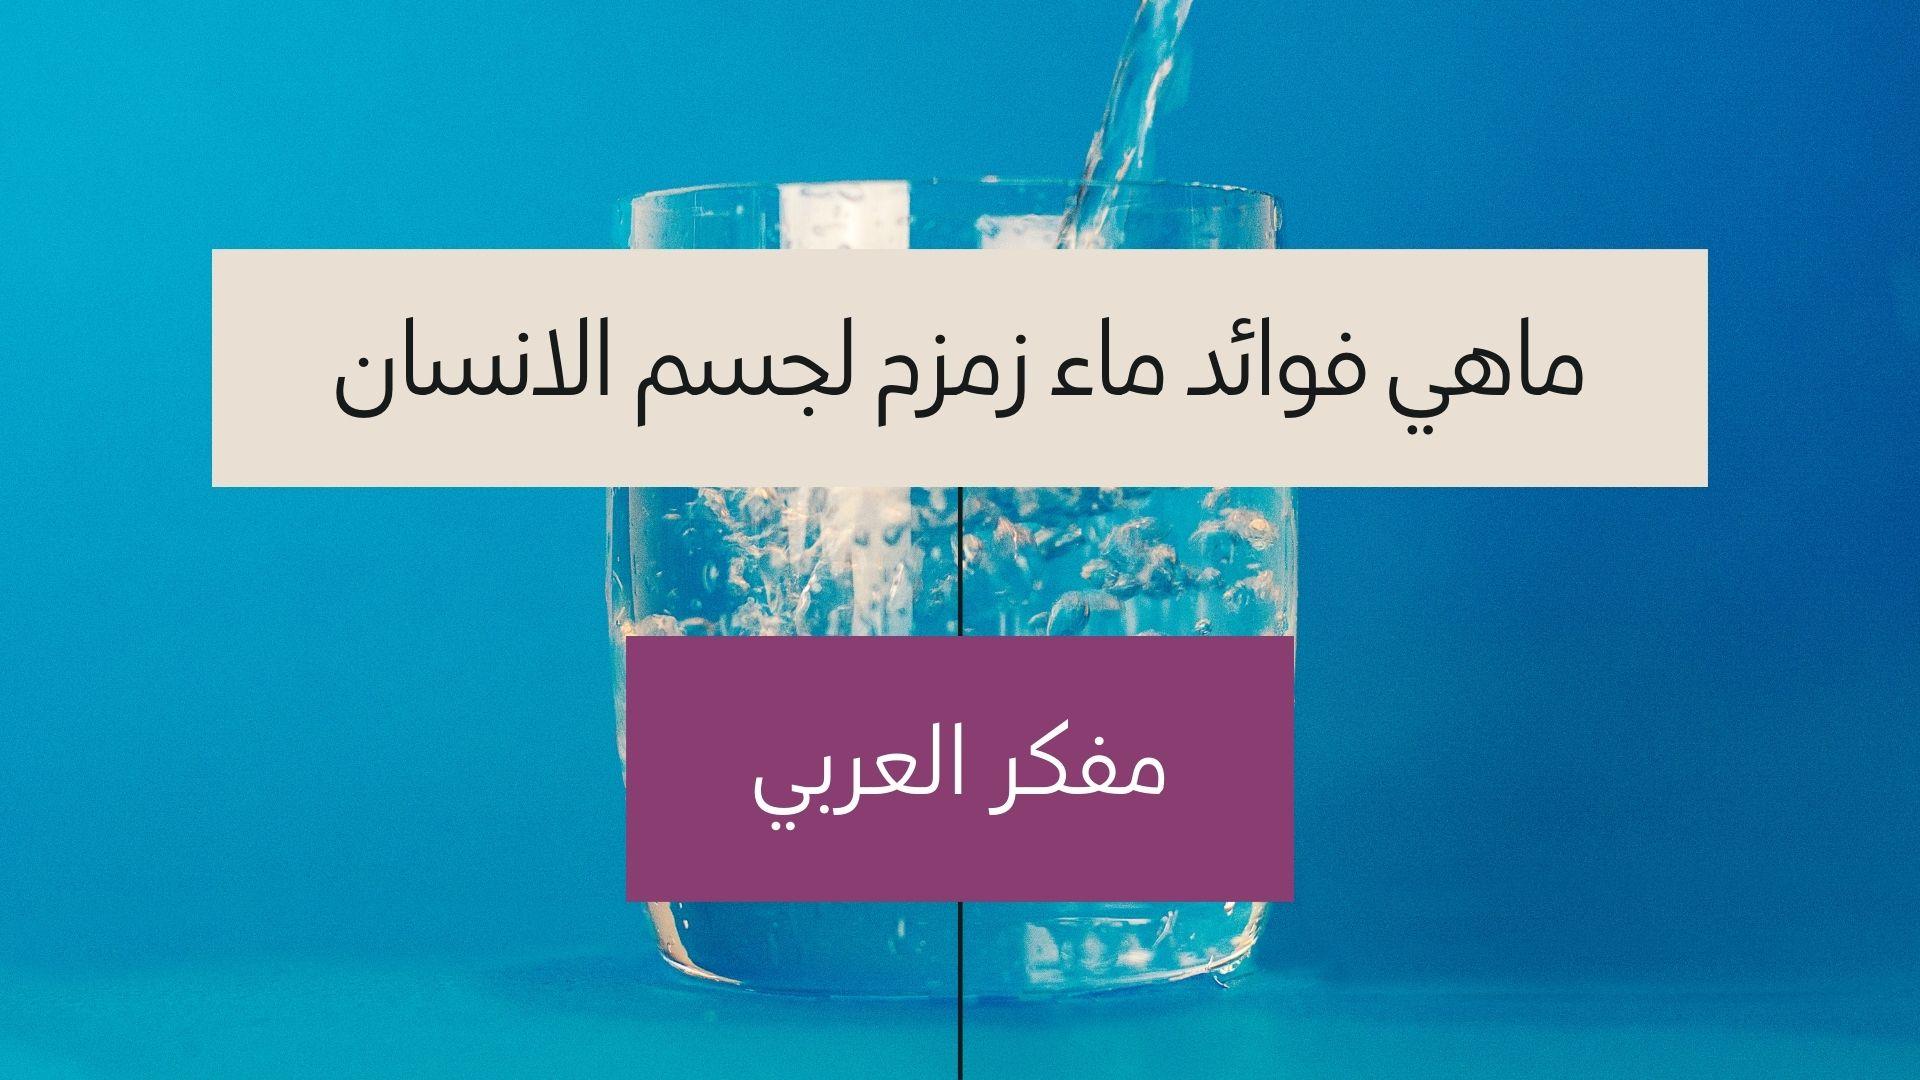 فوائد ماء زمزم العلاجية لجسم الانسان